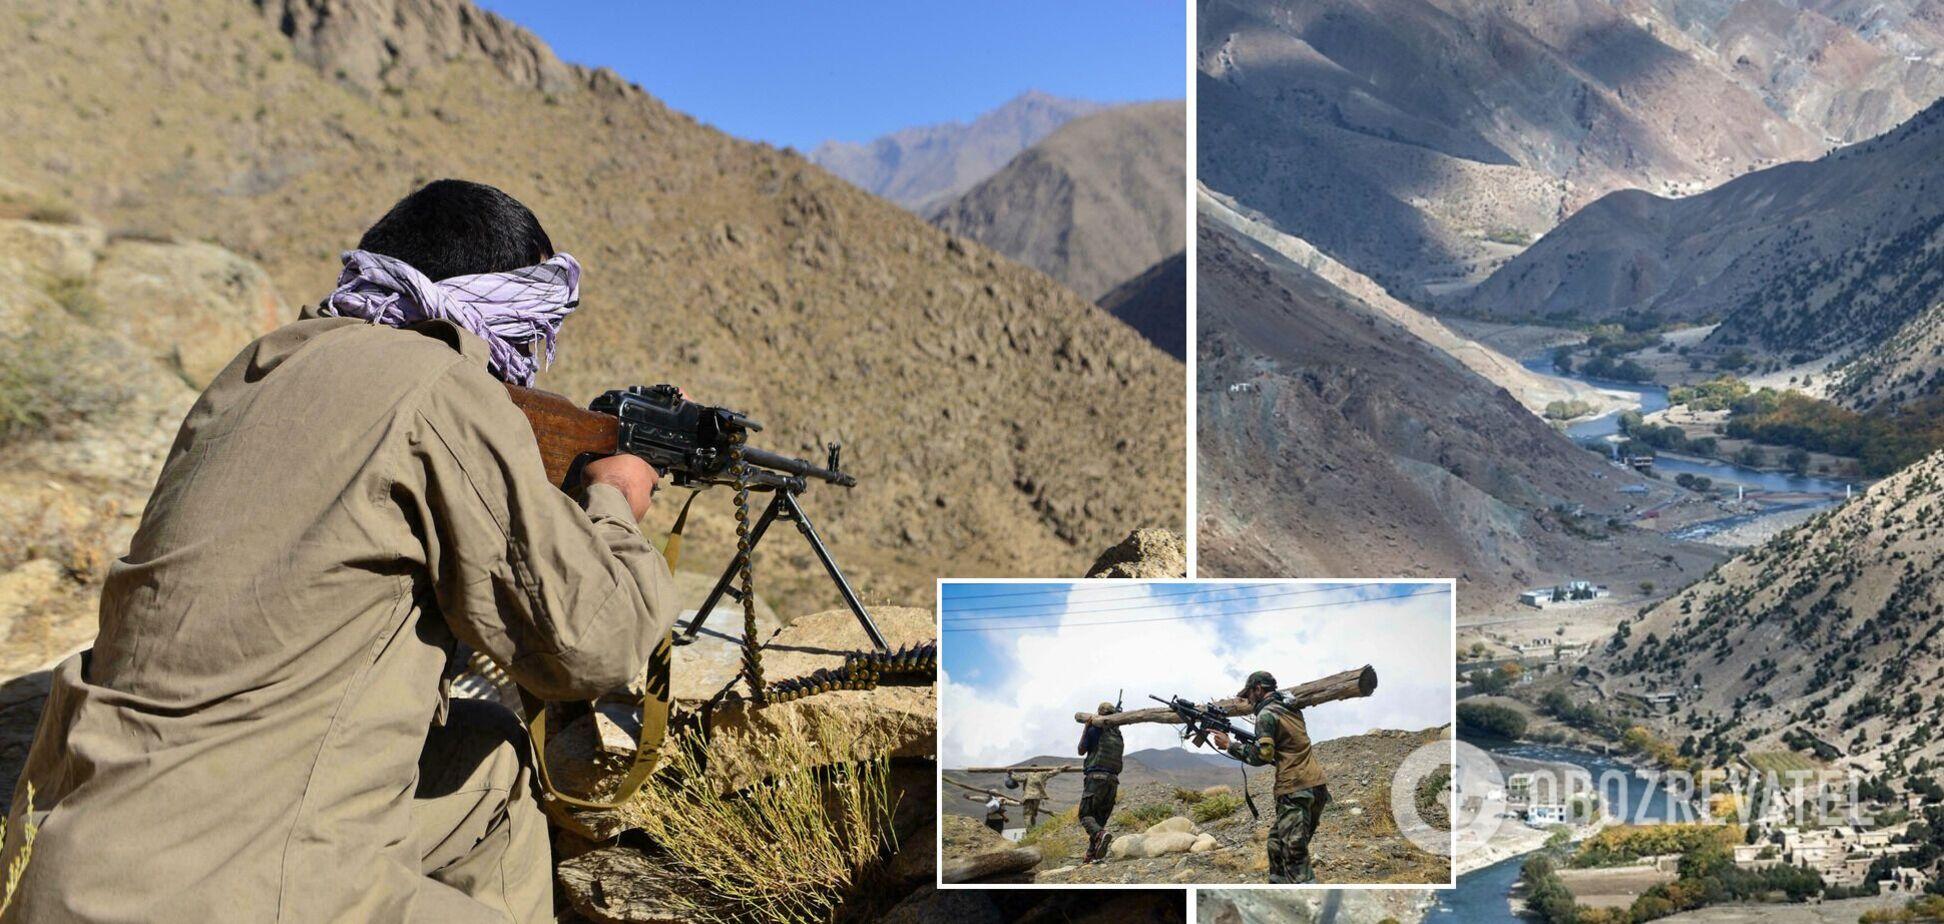 Талибы подавили сопротивление Панджшерской долины, остававшейся единственной непокоренной